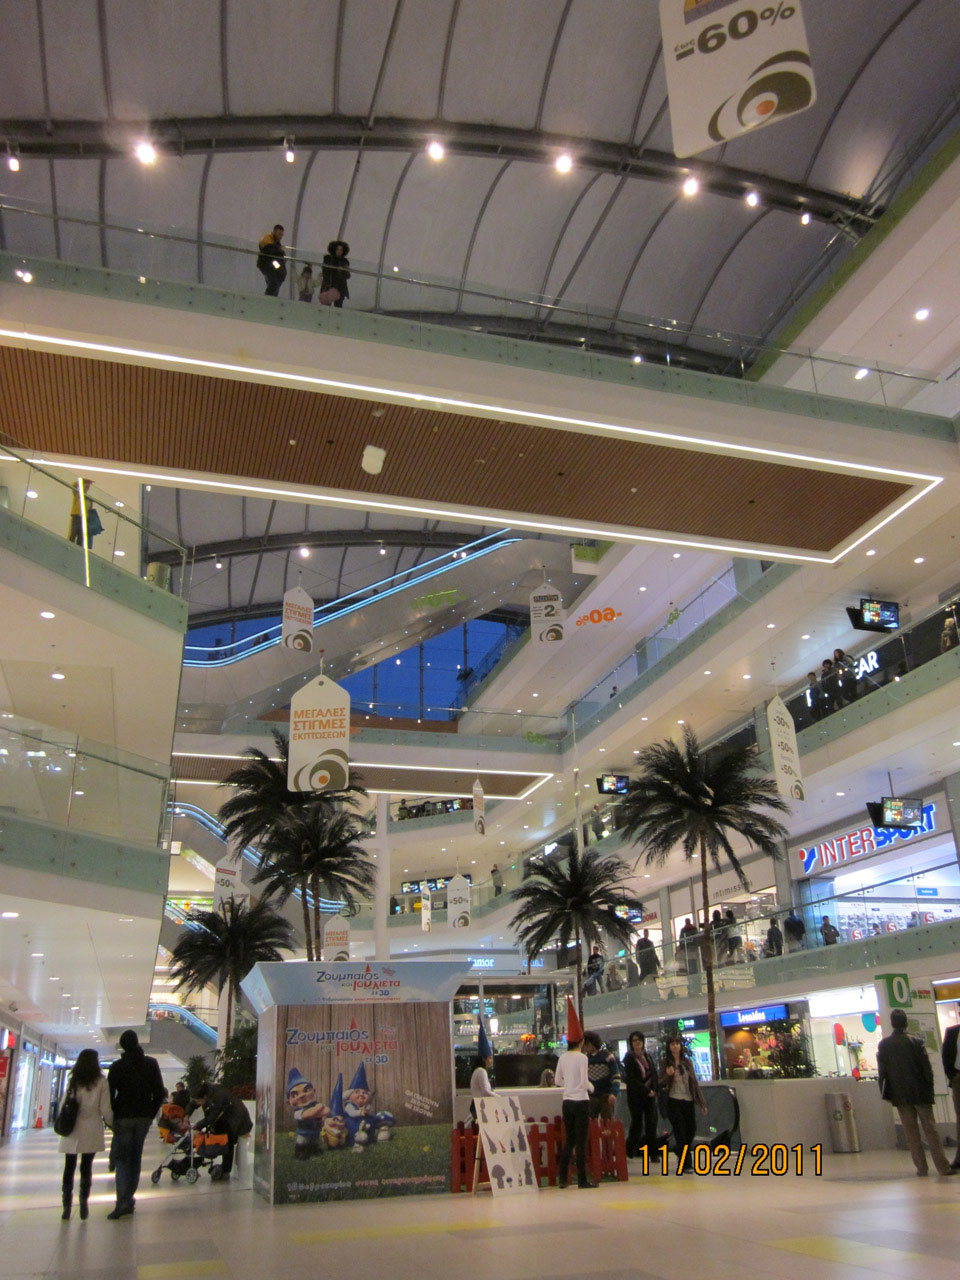 athens metro kentriki  athens metro mall 113  athens metro mall 112   athens metro mall 108  athens metro mall 106  athens metro mall 99 ... 8c4360411d